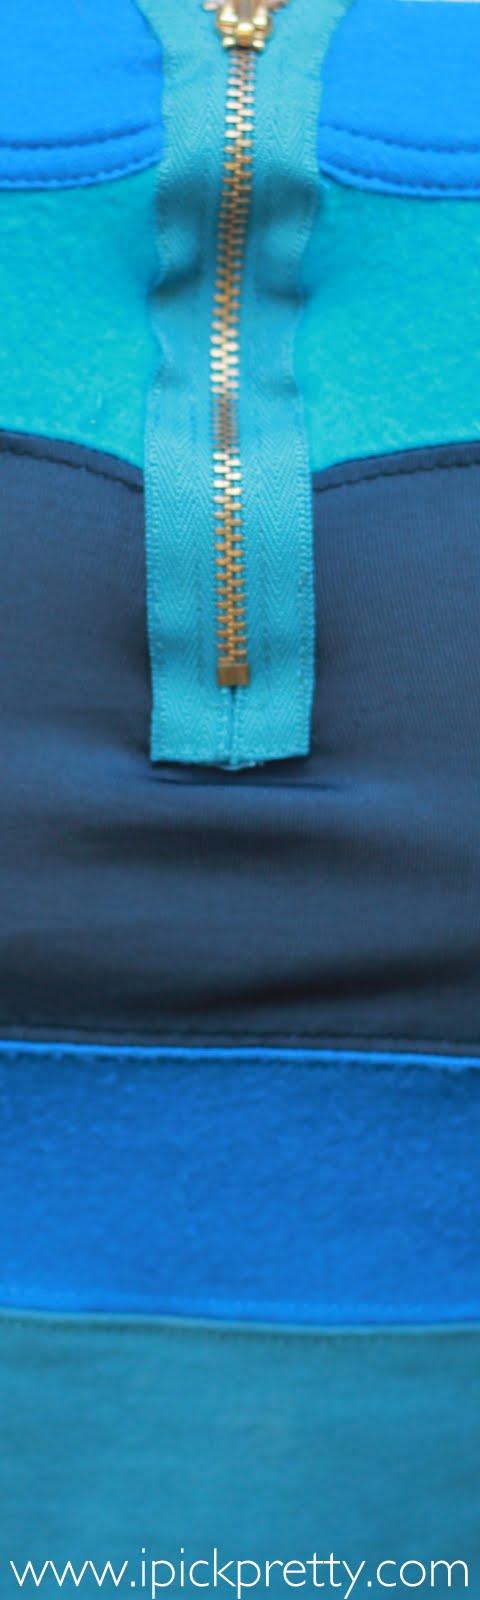 Peter Pan collar trend